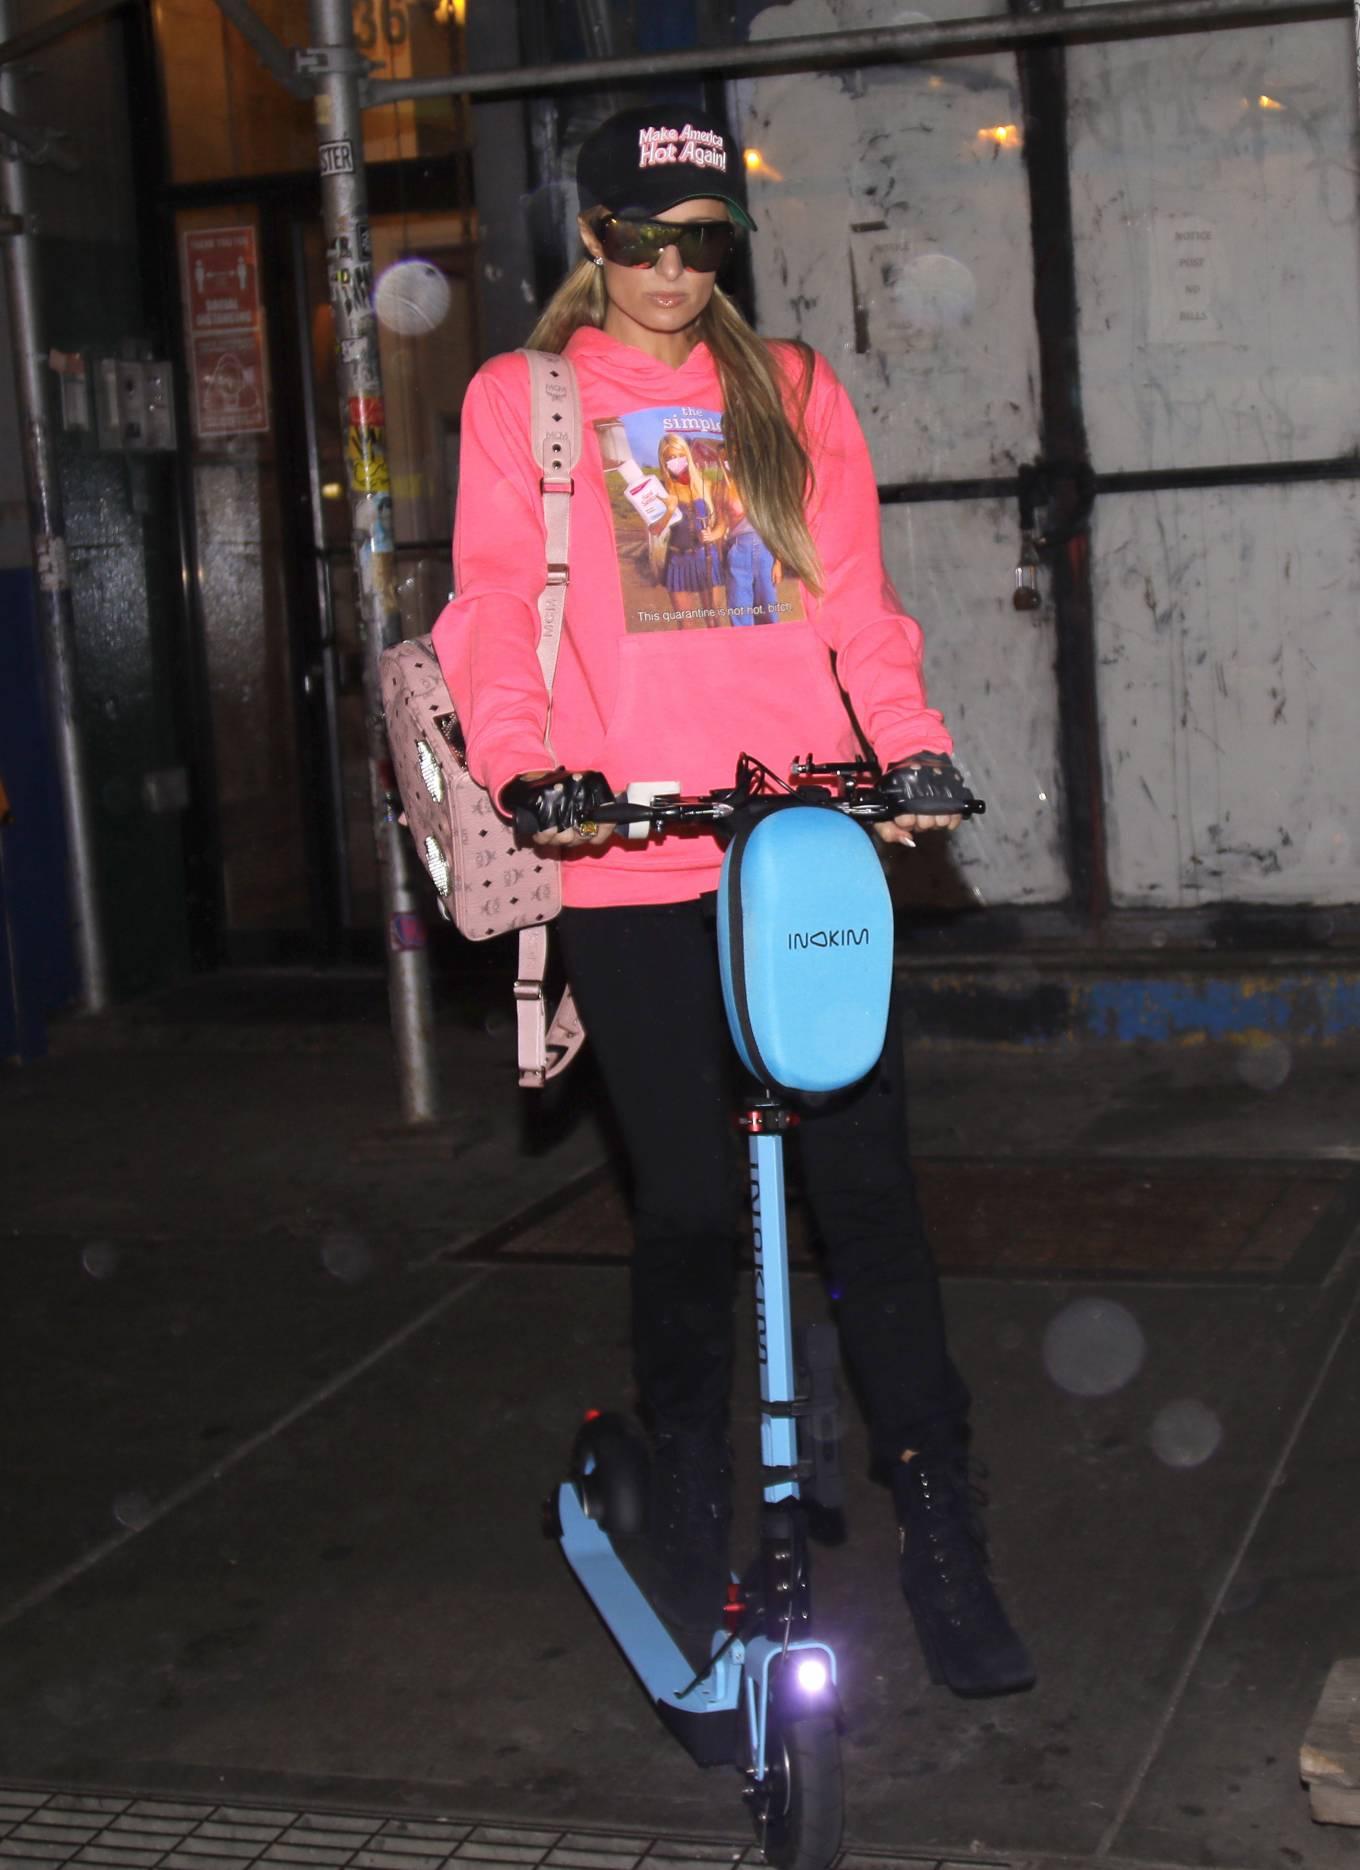 Paris Hilton wears a 'Make America Hot again' cap in NYC